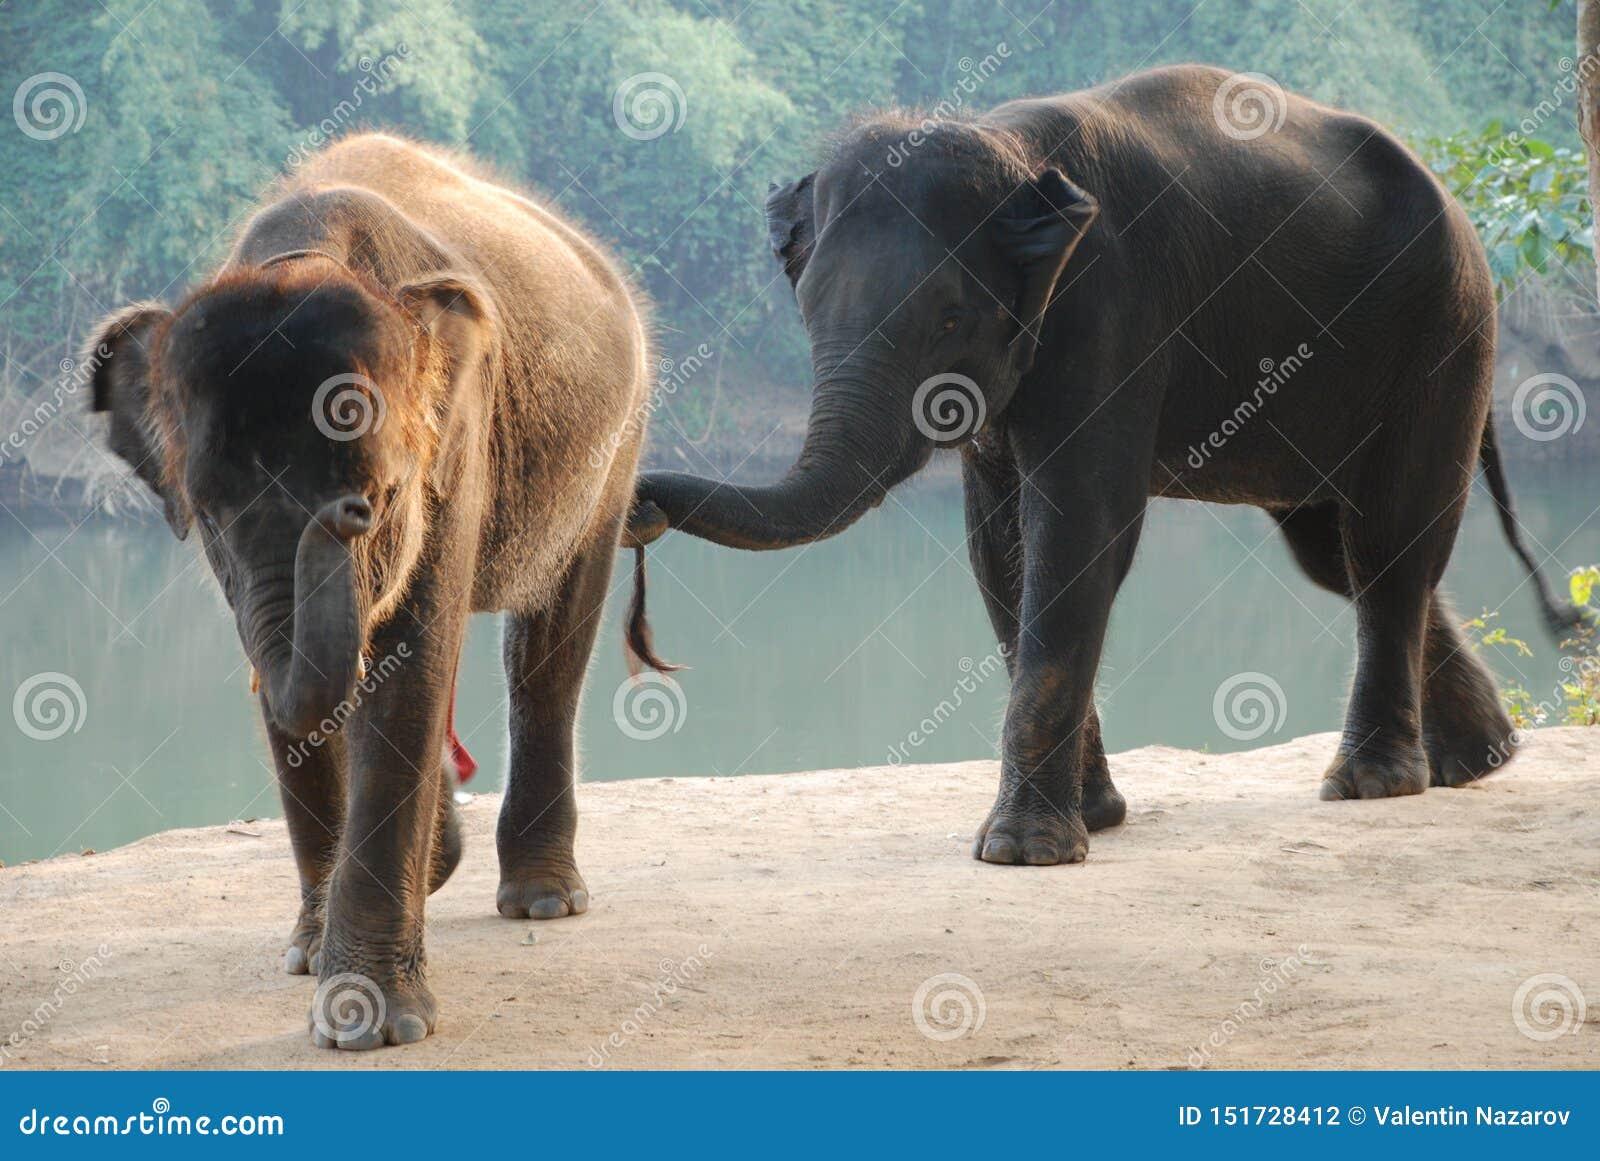 Dois elefantes vão balançar seus troncos e sorrir em você